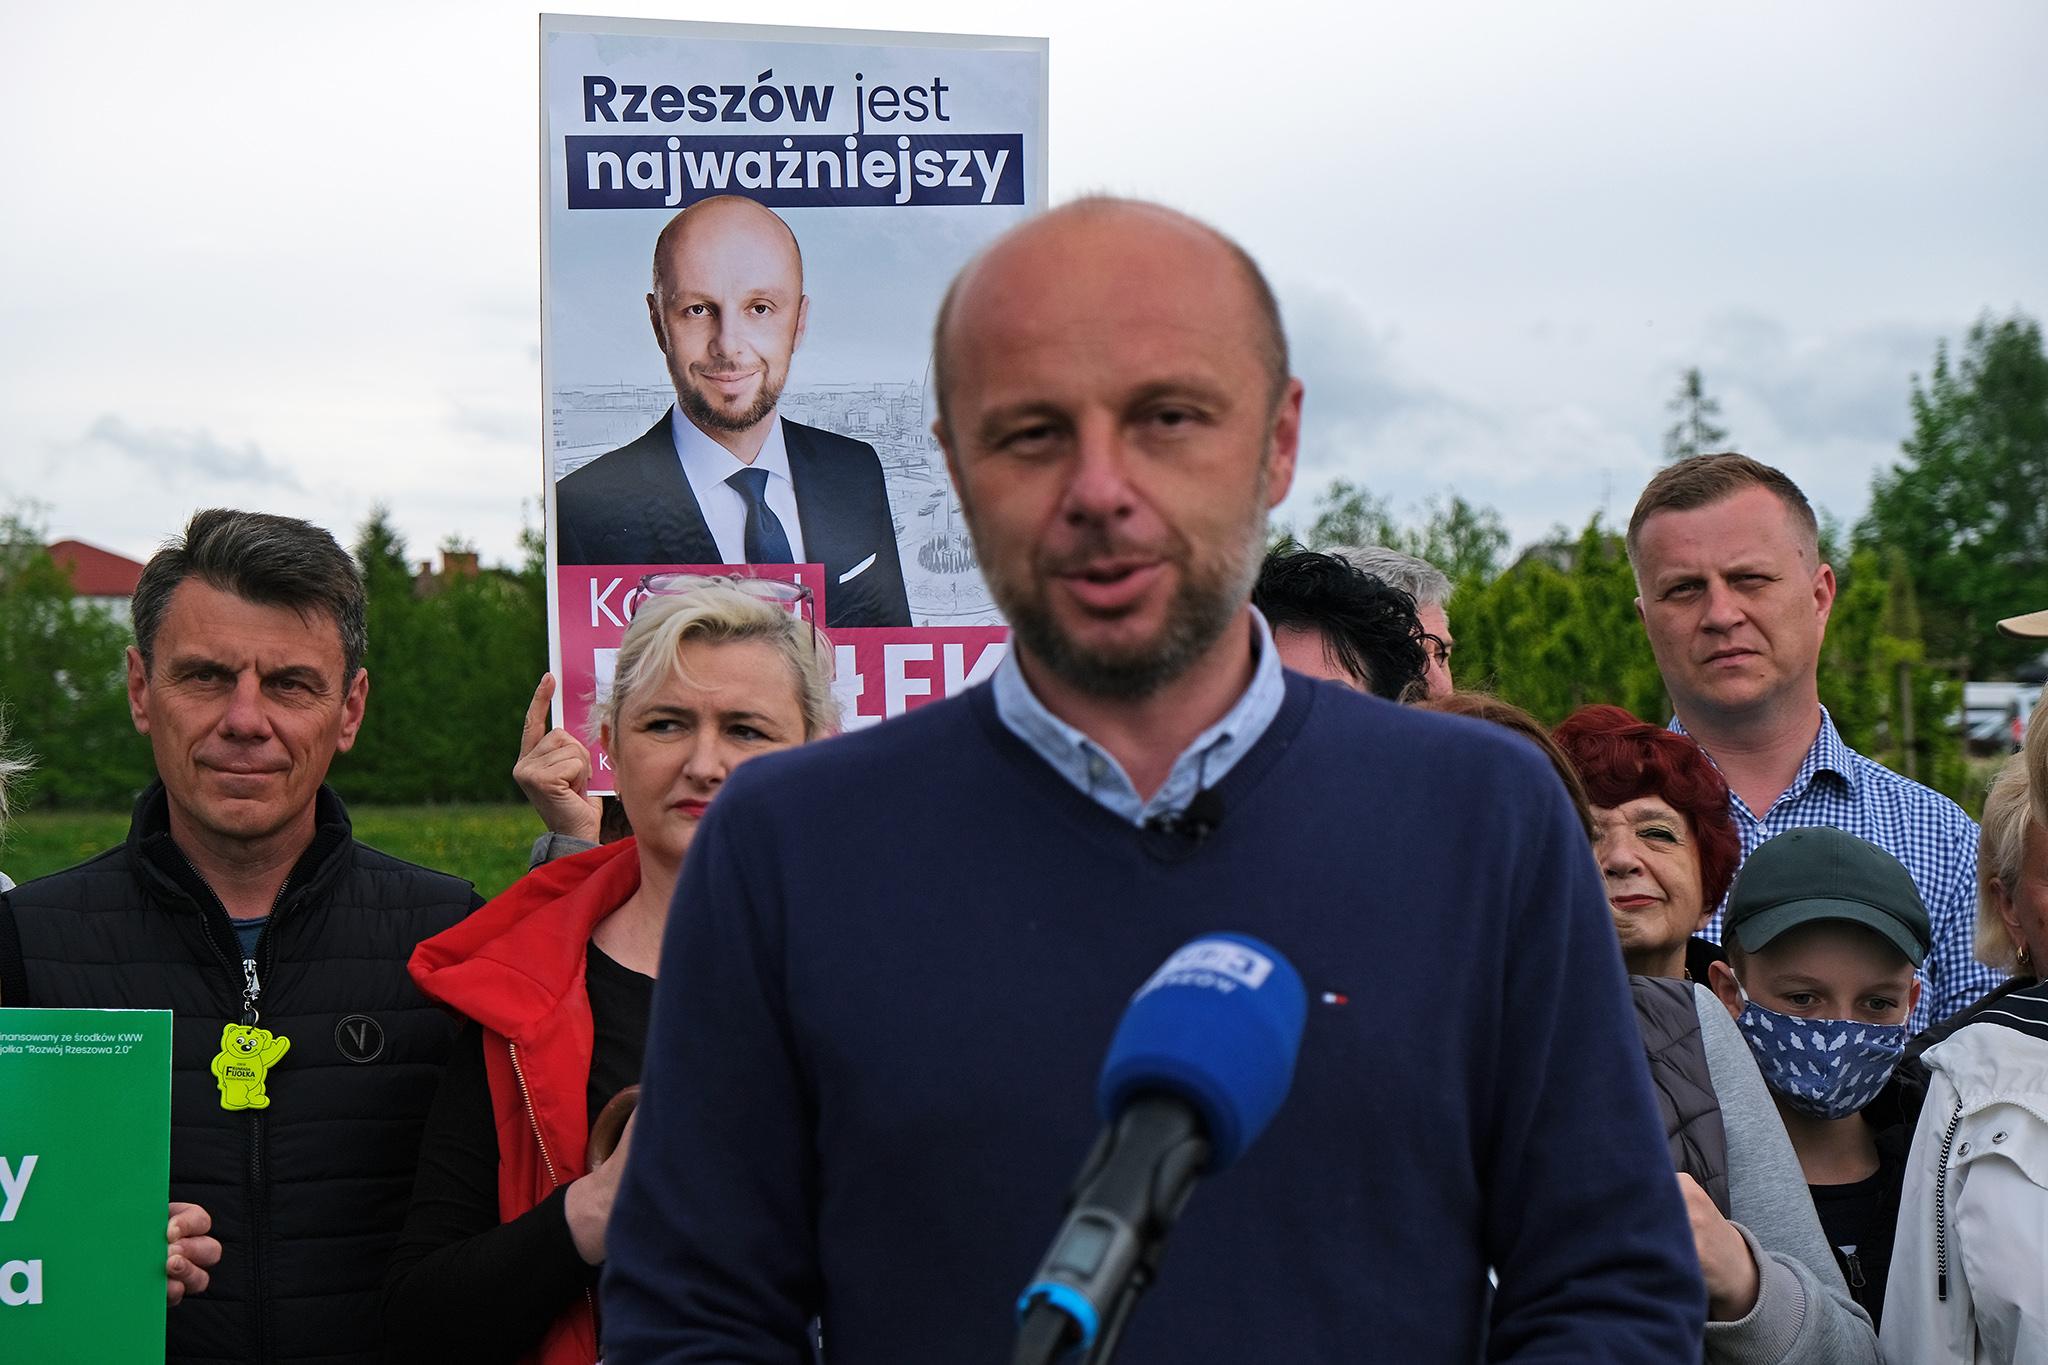 DSCF8042_RZESZOW_NEWS_SEBASTIAN_STANKIEWICZ